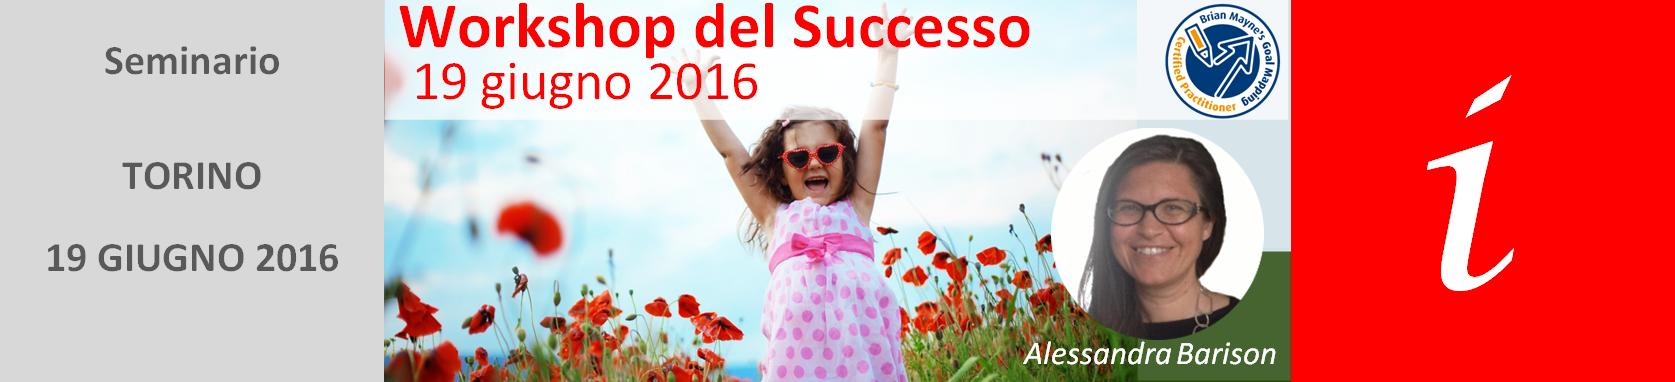 banner_workshopdelsuccesso_torino_giugno_2016